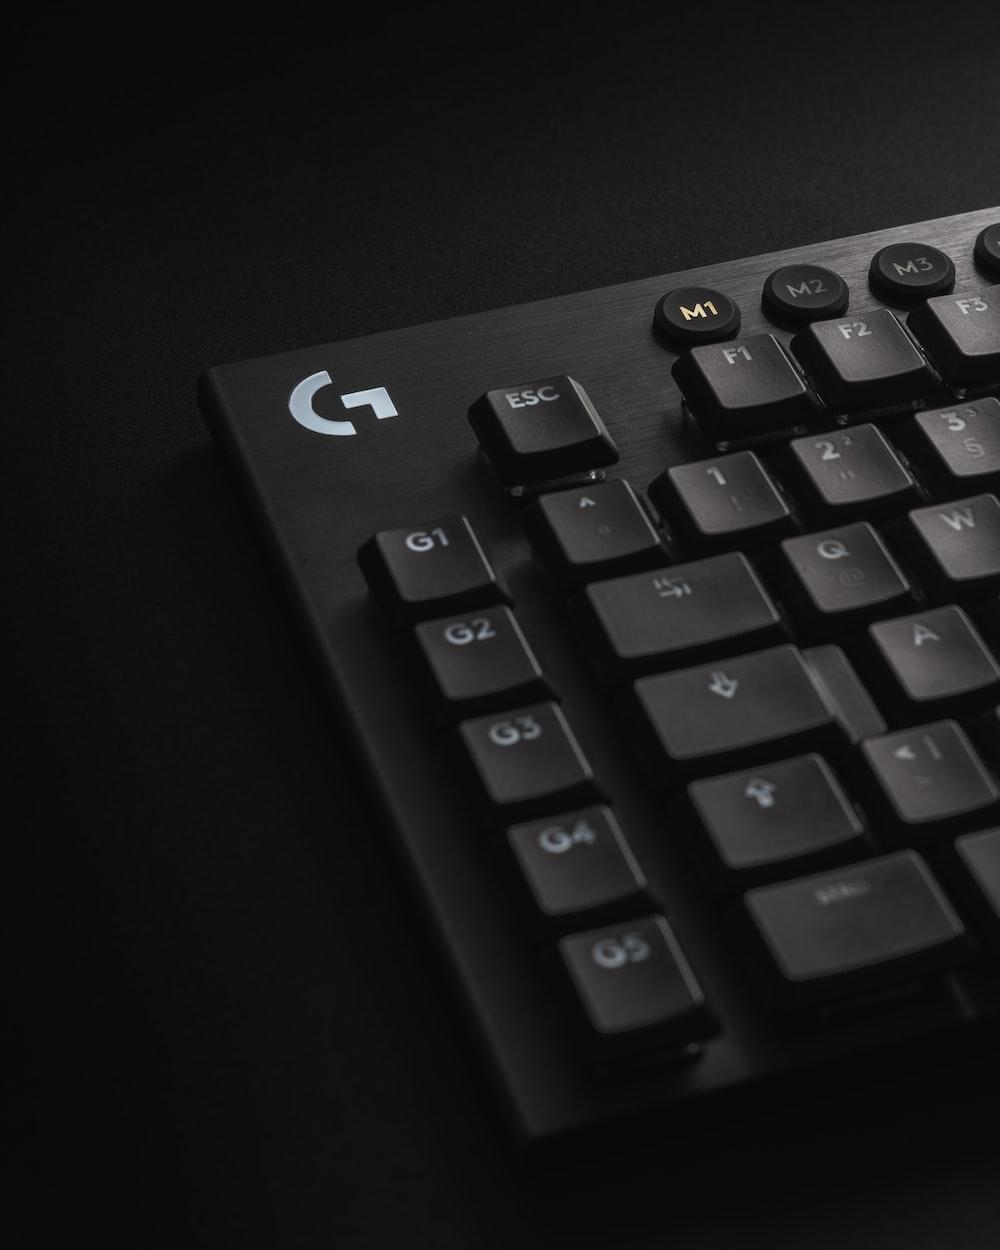 black computer keyboard showing number keys